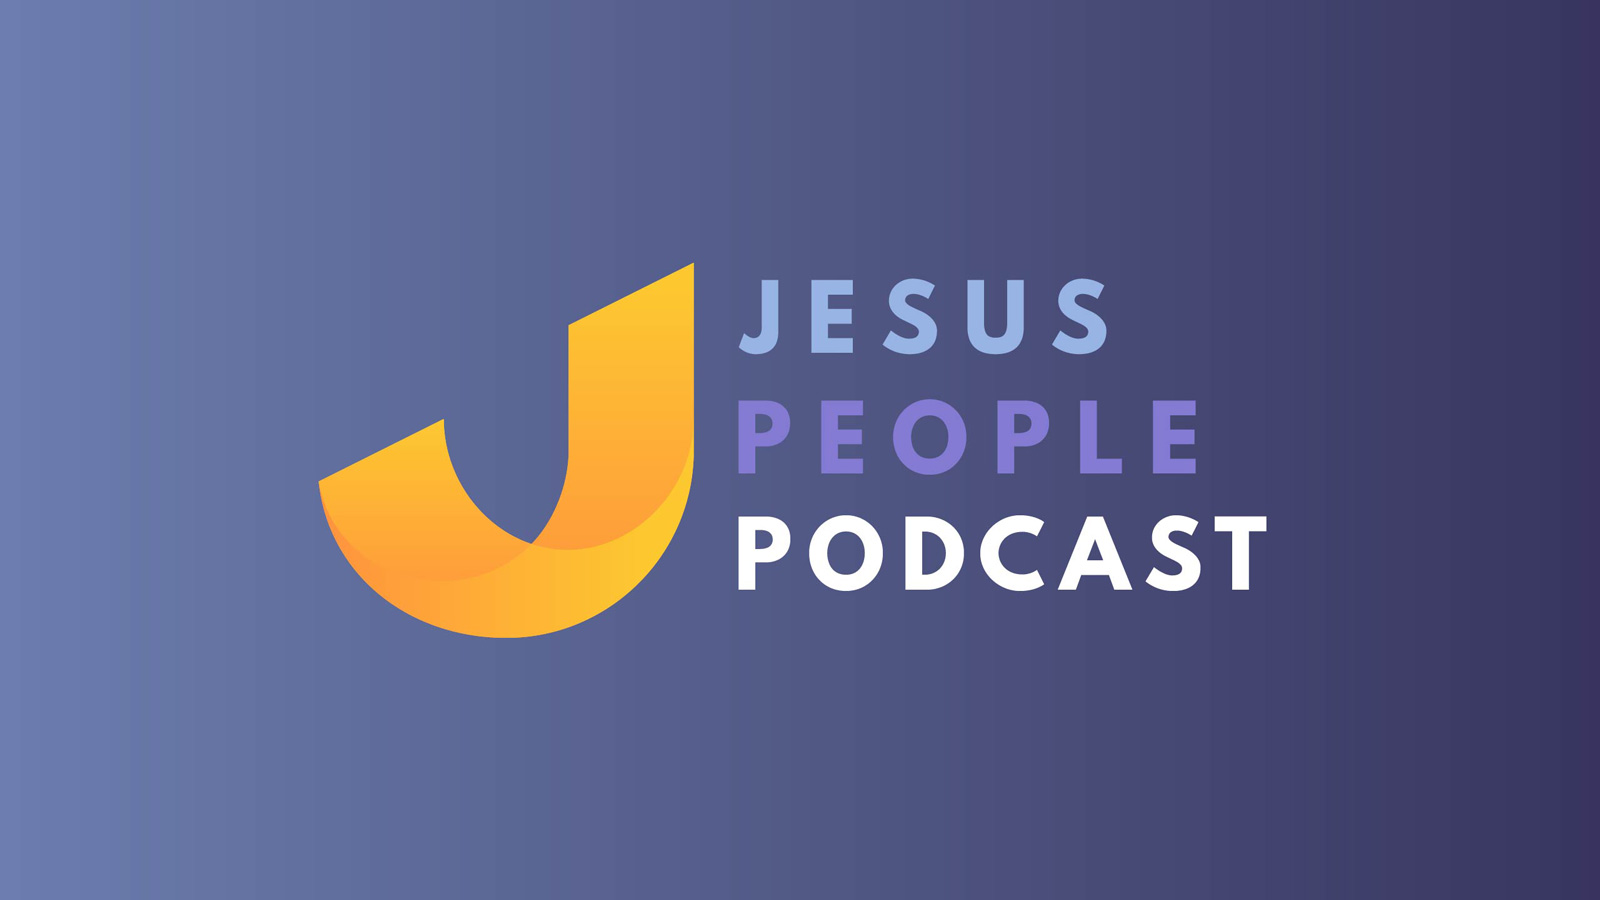 Jesus People Podcast